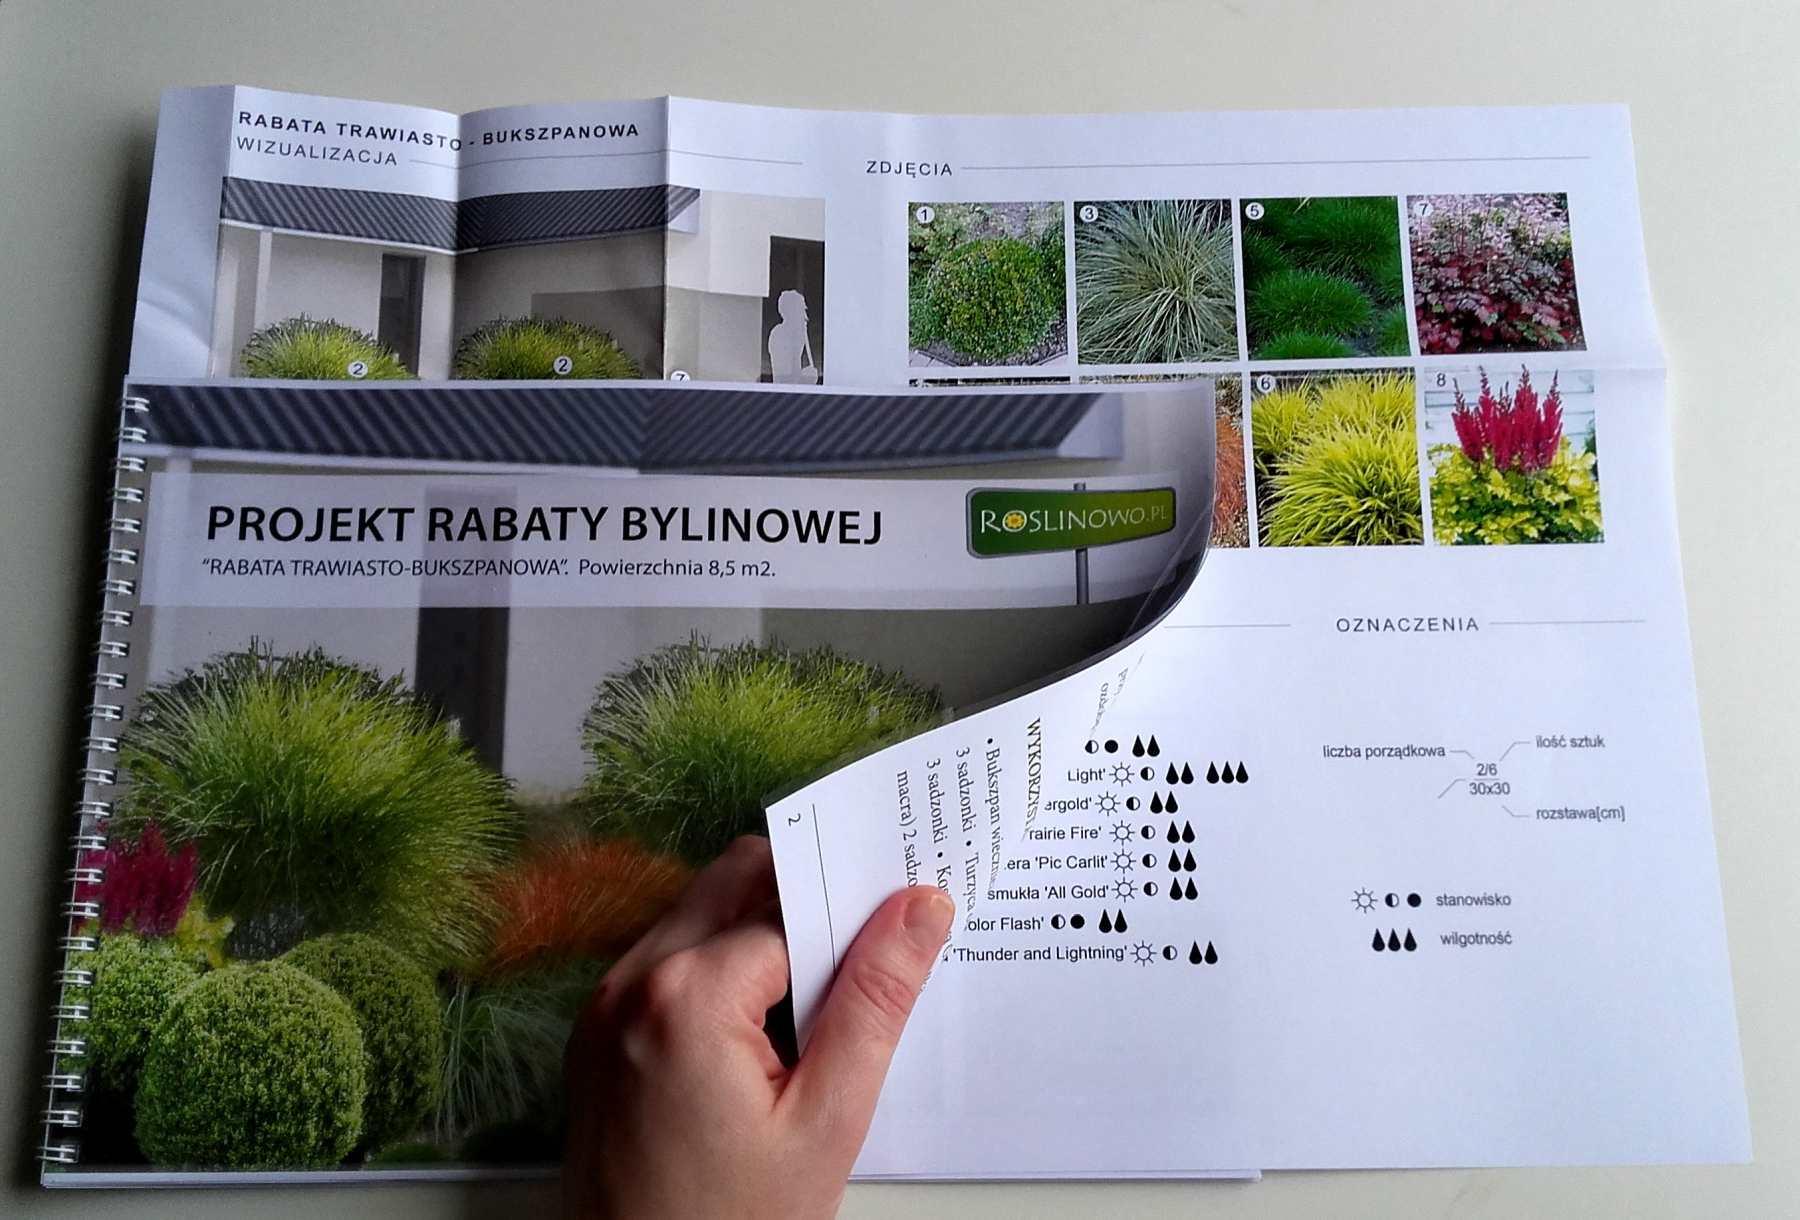 wydrukowany projekt rabaty bylinowej - rabata trawiasto - bukszpanowa.